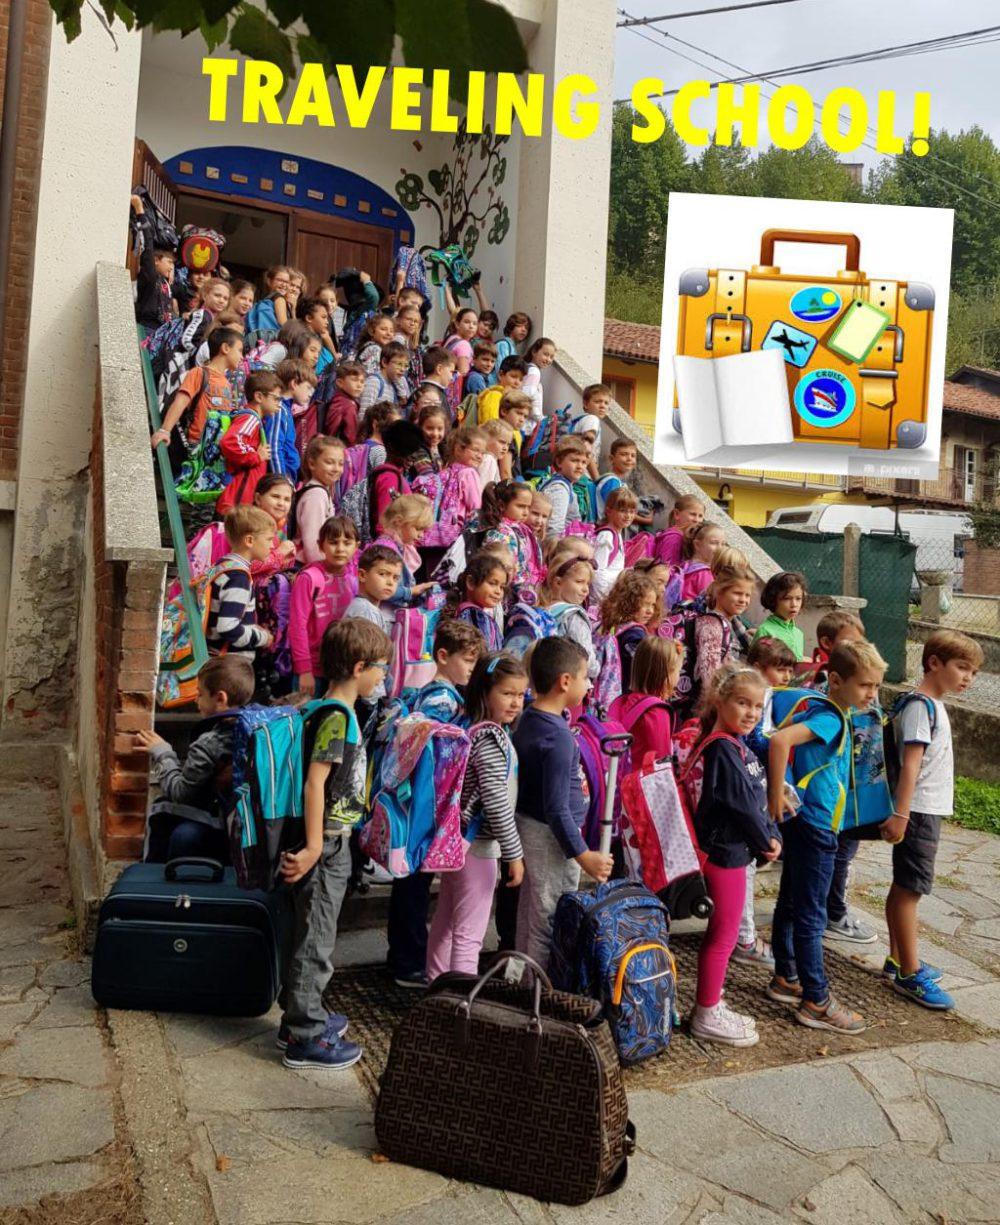 UNA SCUOLA IN VIAGGIO – TRAVELING SCHOOL